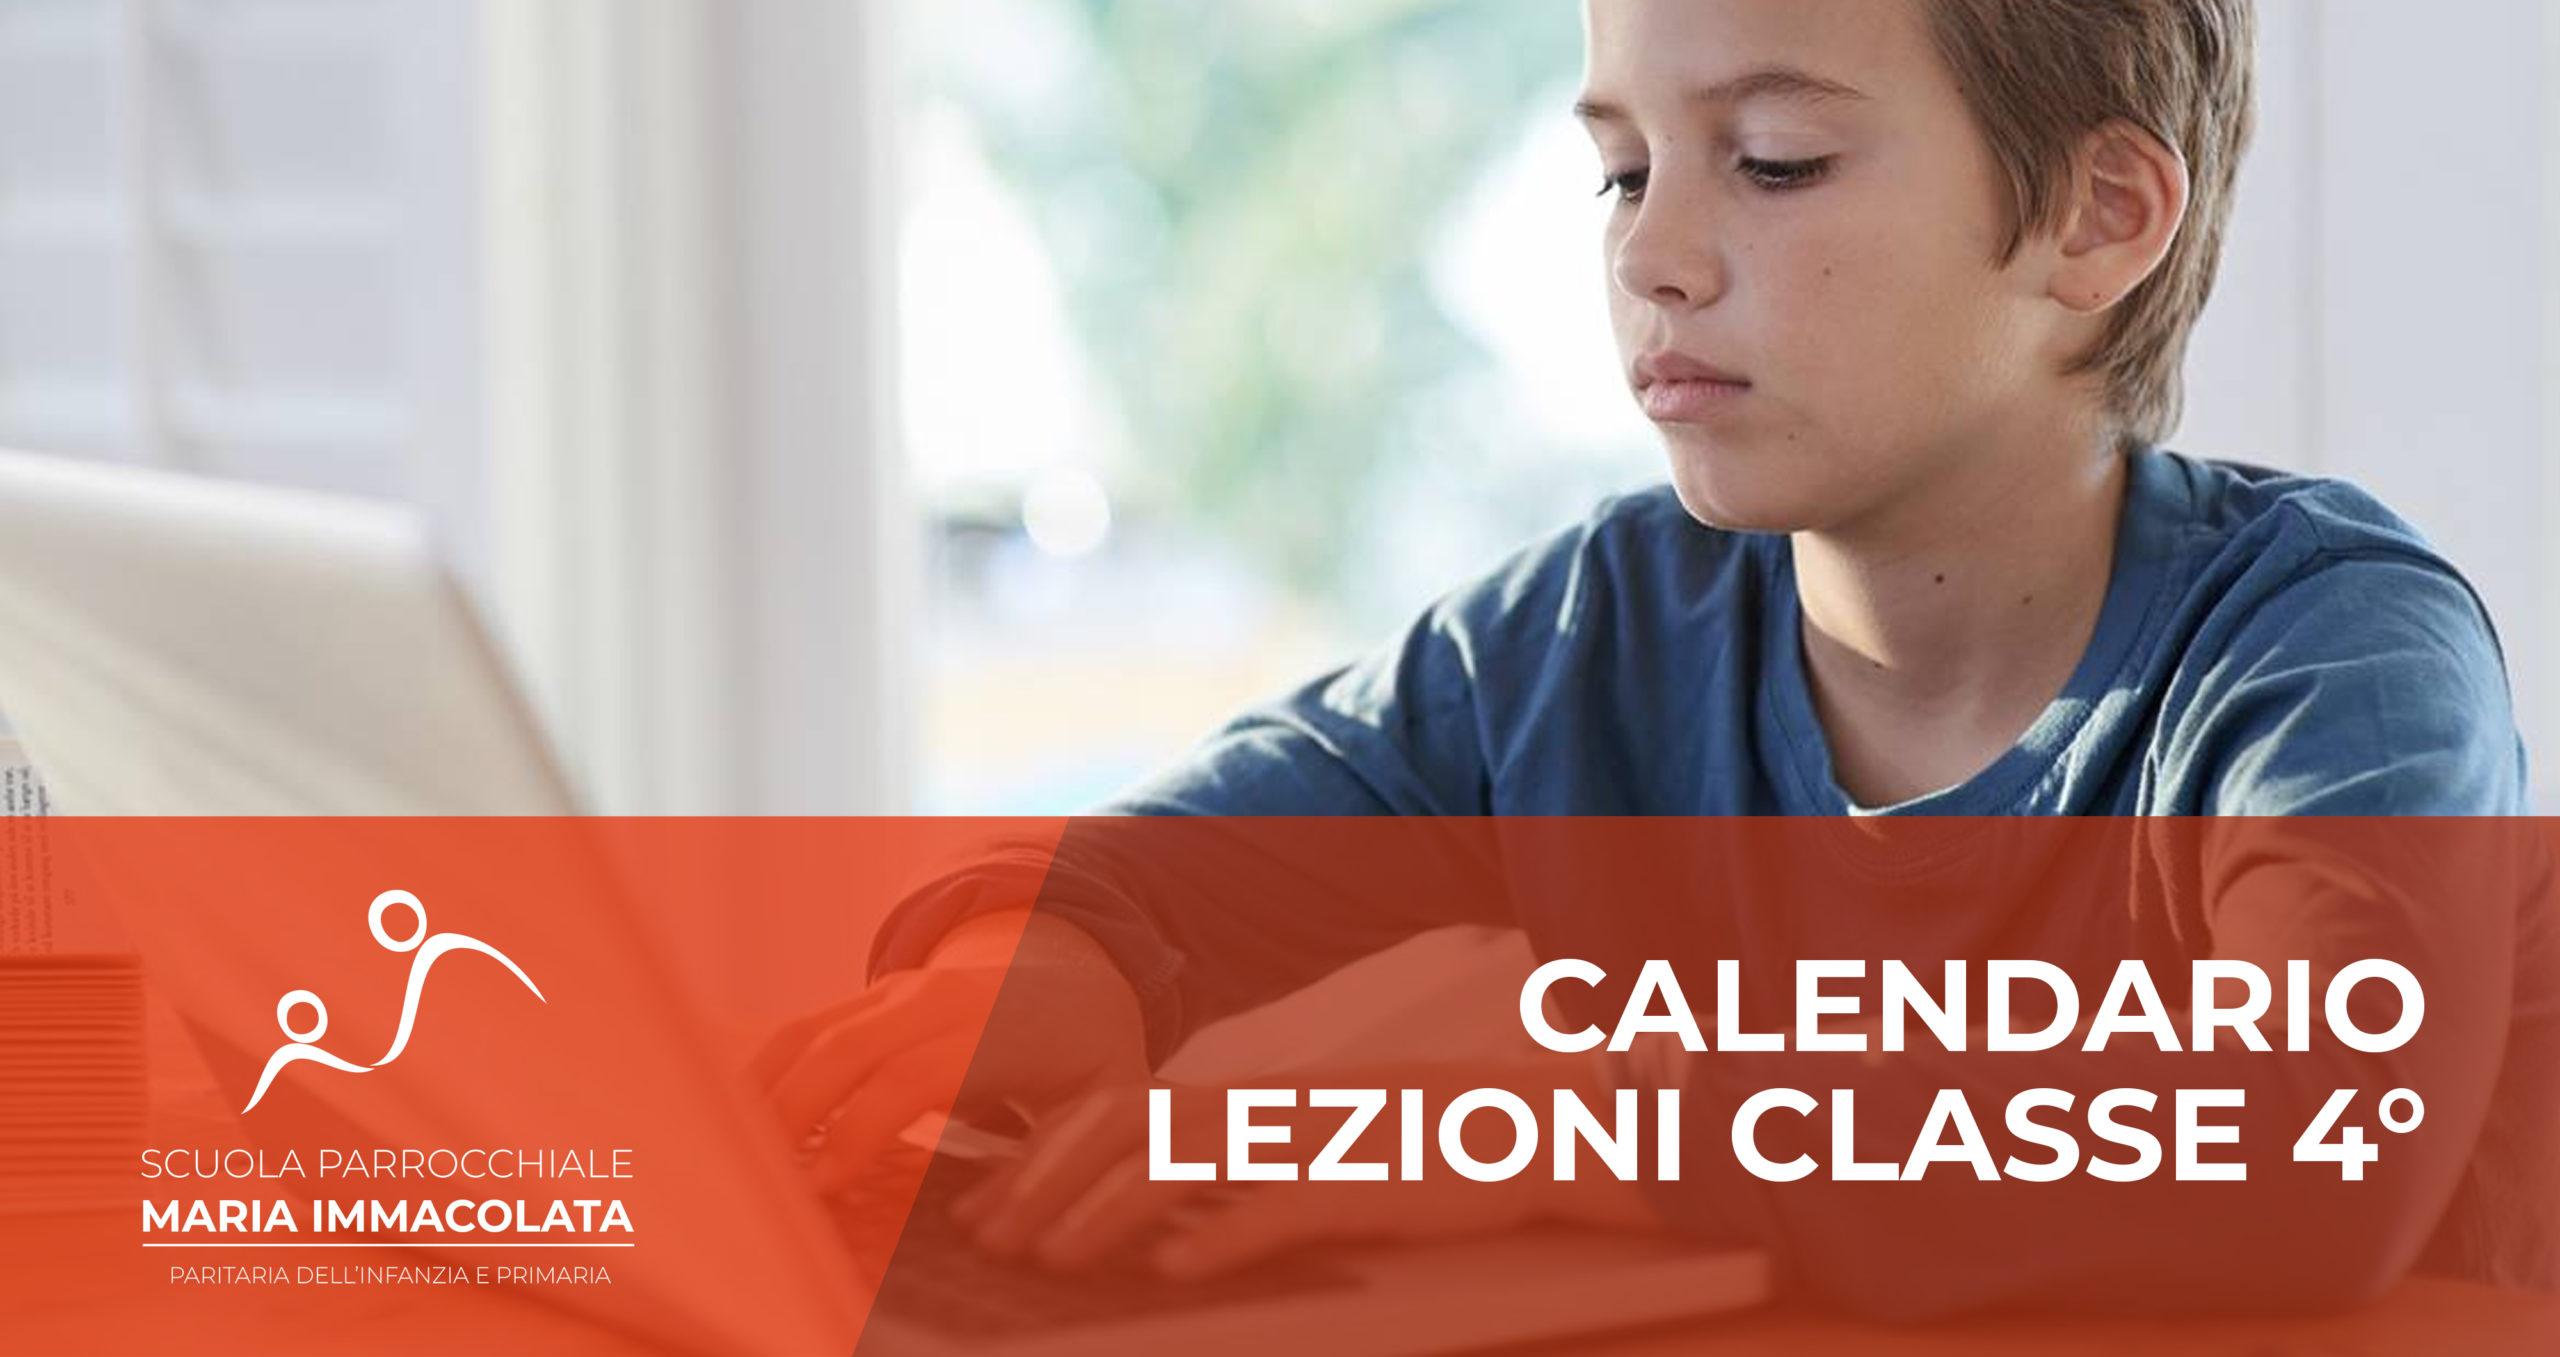 Calendario lezioni 2019-2020 Classe 4